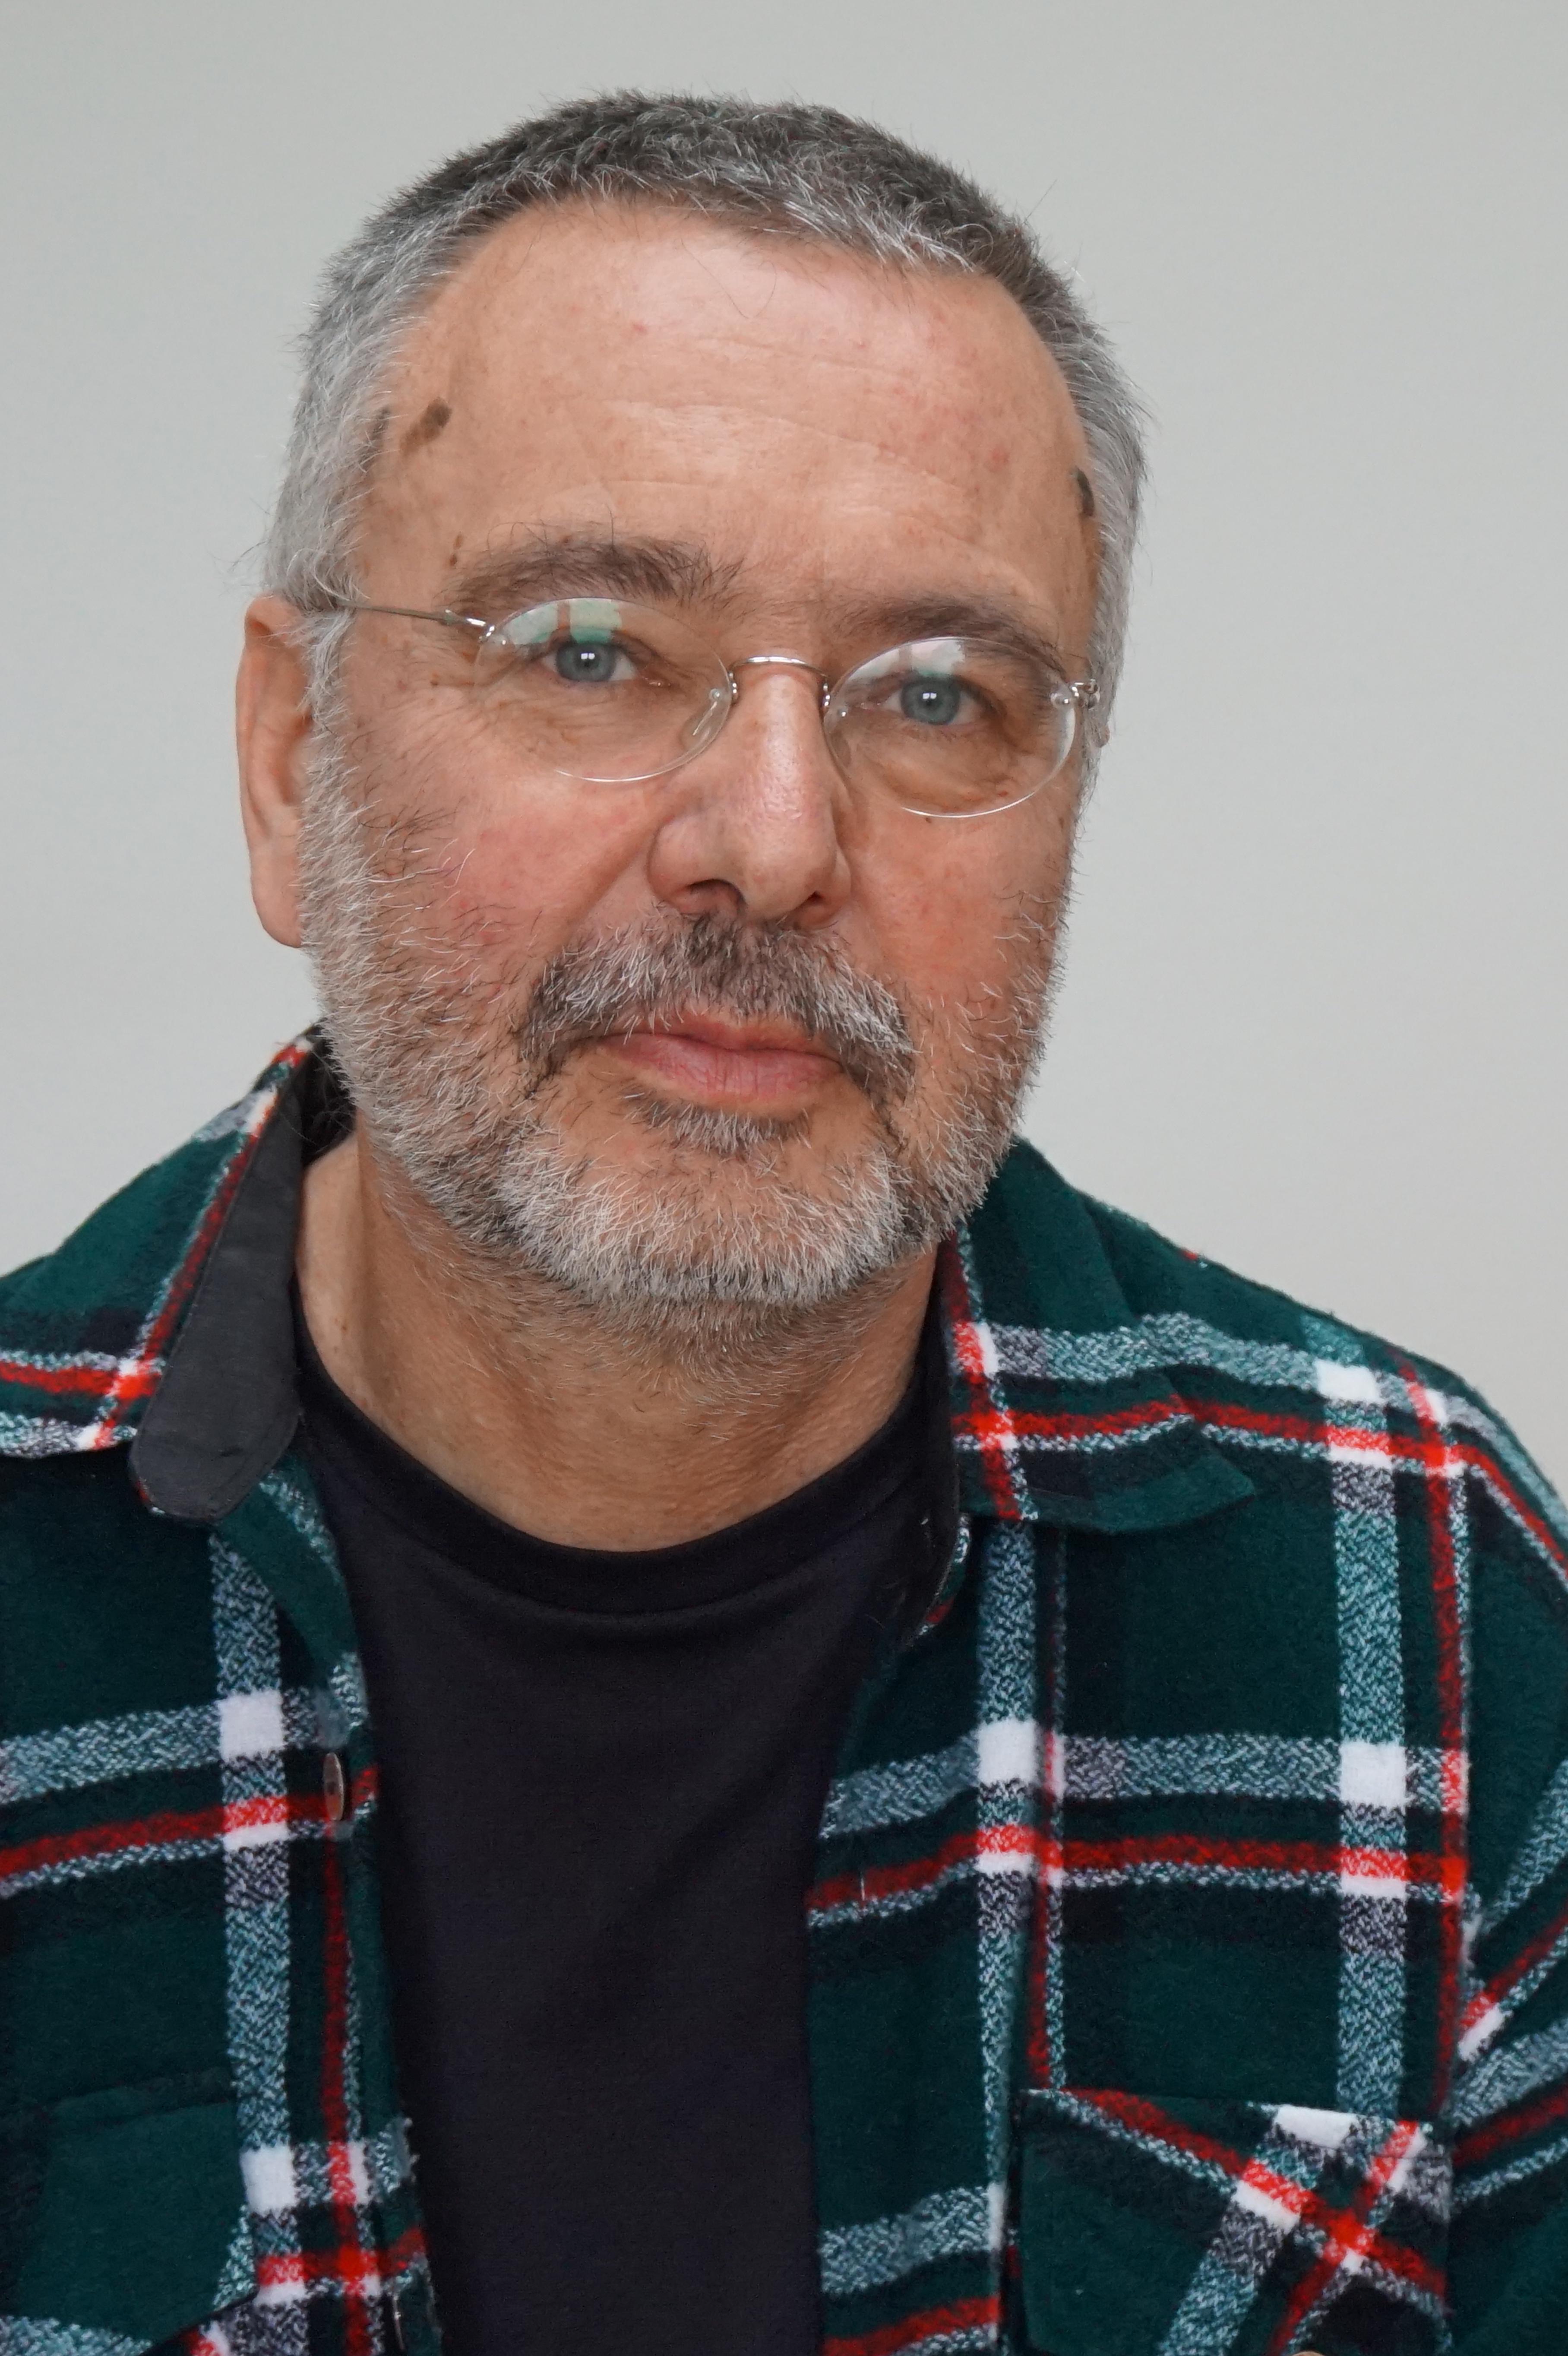 Andreas Peglau, Mai 2019